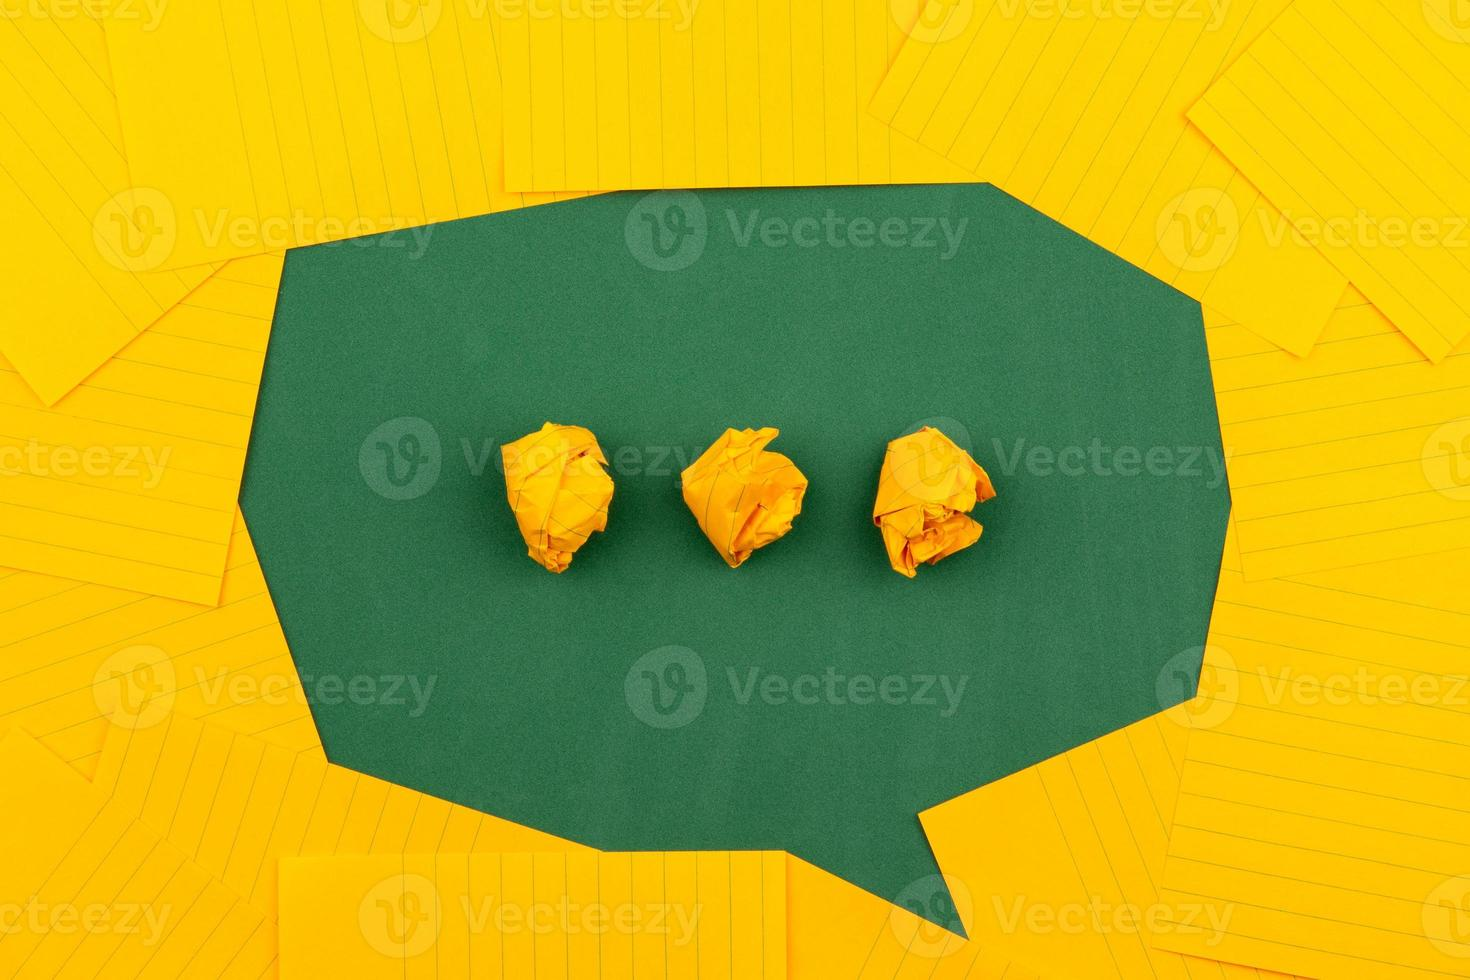 Des feuilles de papier orange sur une commission scolaire verte forment une bulle de discussion photo